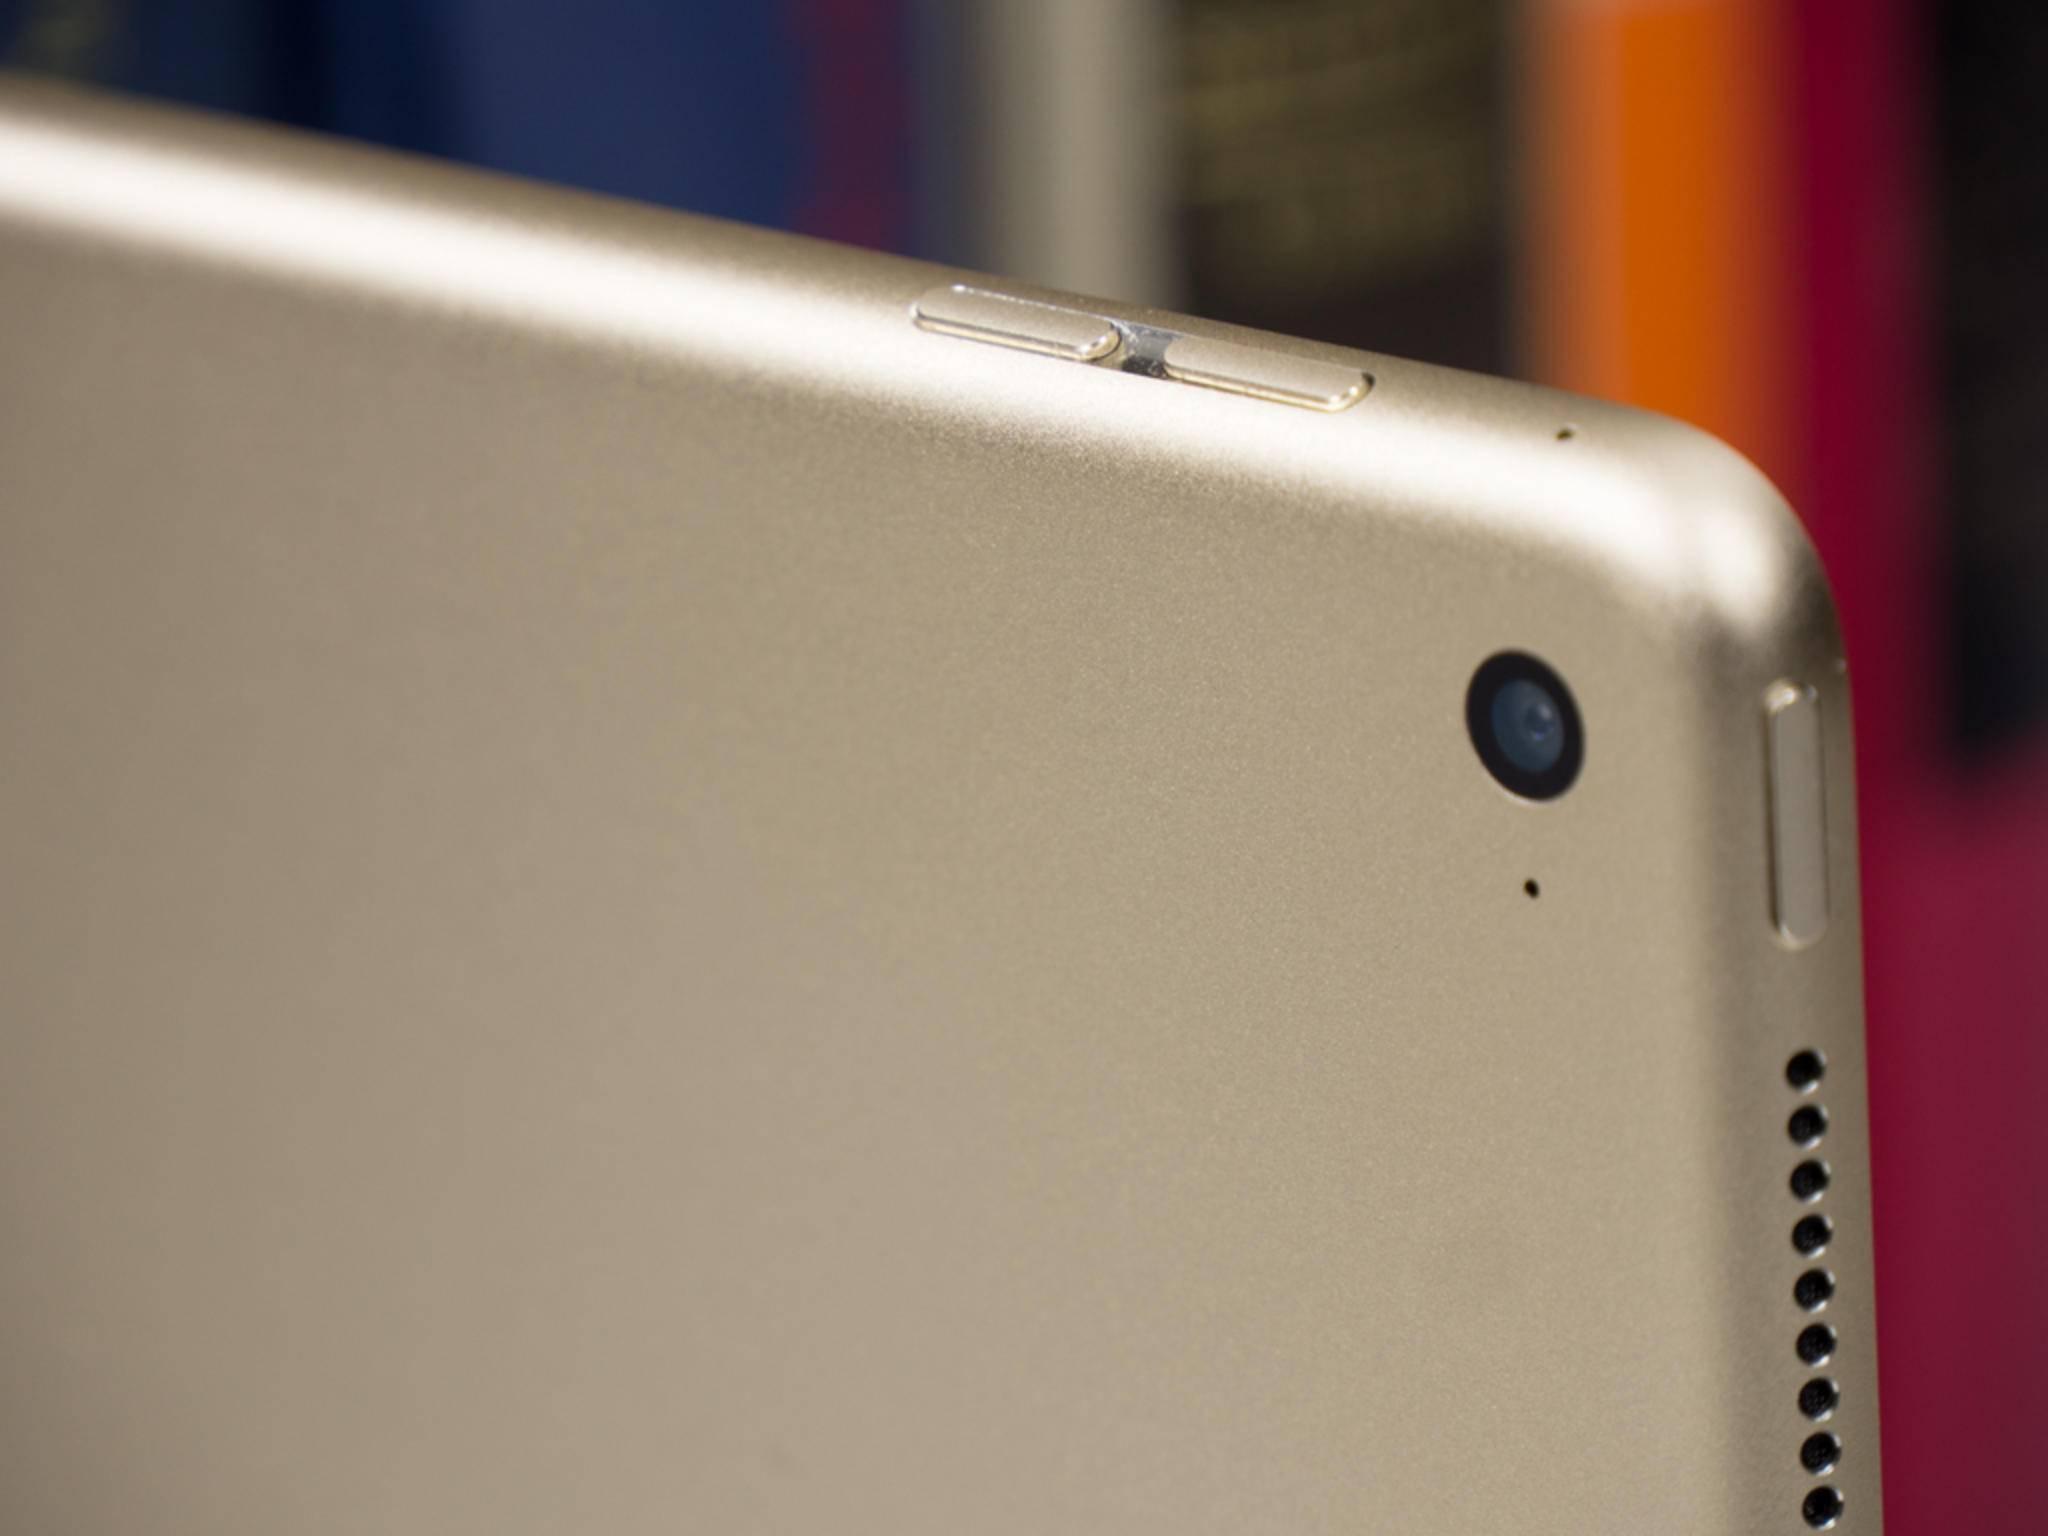 Das iPad Pro in Gold. Alternativ stehen Silber und Space Grau zur Wahl.